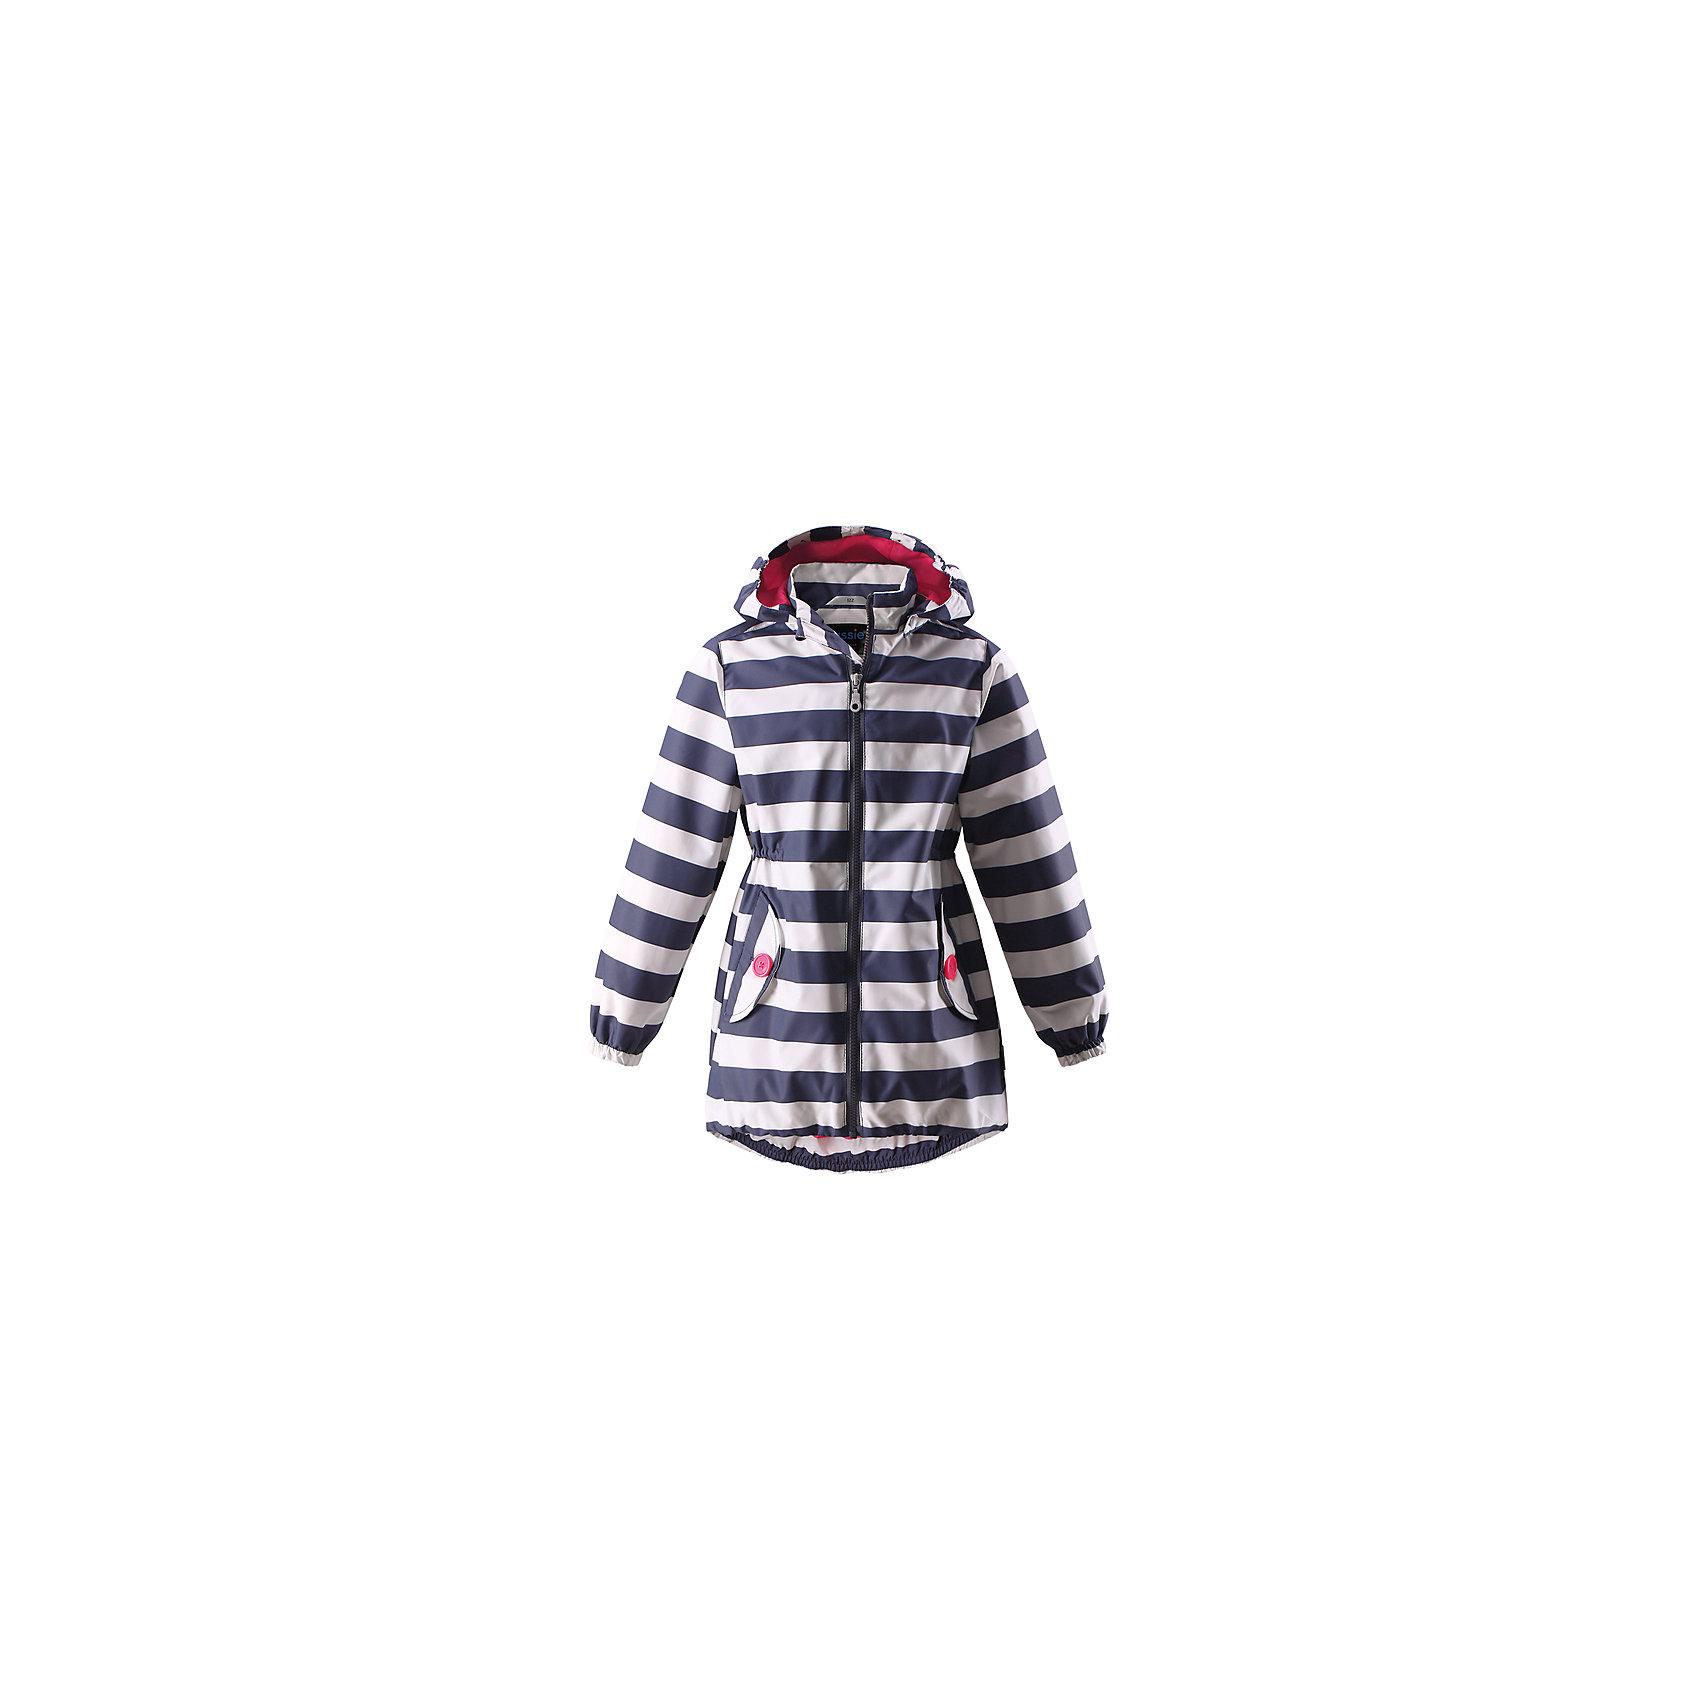 Куртка для девочки LassieОдежда<br>Характеристики товара:<br><br>• цвет: синий в полоску<br>• сезон: демисезон<br>• температурный режим: +10 до +20<br>• состав: 100% полиэстер, полиуретановое покрытие<br>• водоотталкивающий, ветронепроницаемый и «дышащий» материал<br>• подкладка: гладкий полиэстер<br>• обхват талии регулируется<br>• карманы <br>• отстегивающийся капюшон<br>• молния<br>• эластичная кромка подола<br>• эластичные манжеты<br>• без утеплителя<br>• страна производства: Китай<br>• страна бренда: Финляндия<br><br>Демисезонная куртка поможет обеспечить ребенку комфорт и тепло. <br><br>Материал - водоотталкивающий, ветронепроницаемый и «дышащий». <br><br>Обувь и одежда от финского бренда LASSIE by Reima пользуются популярностью во многих странах. Они стильные, качественные и удобные. <br><br>Порадуйте ребенка модными и красивыми вещами от Lassie®! <br><br>Куртку для девочки от финского бренда LASSIE  можно купить в нашем интернет-магазине.<br><br>Ширина мм: 356<br>Глубина мм: 10<br>Высота мм: 245<br>Вес г: 519<br>Цвет: синий<br>Возраст от месяцев: 48<br>Возраст до месяцев: 60<br>Пол: Женский<br>Возраст: Детский<br>Размер: 110,140,92,98,104,116,122,128,134<br>SKU: 5520821